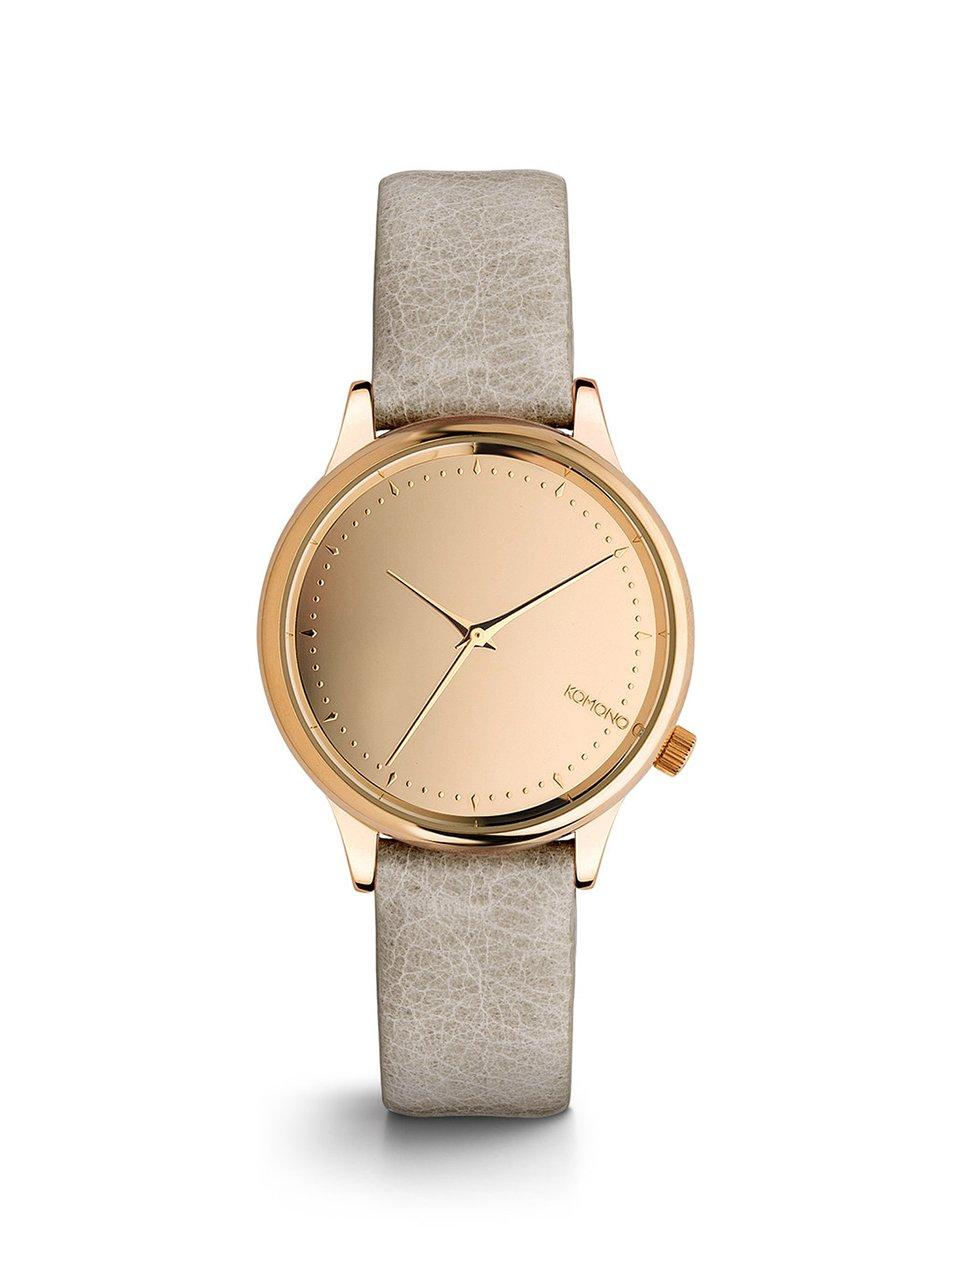 9374e2cbd1c5 Dámske hodinky v ružovozlatej farbe so sivým koženým remienkom Komono  Estelle Mirror